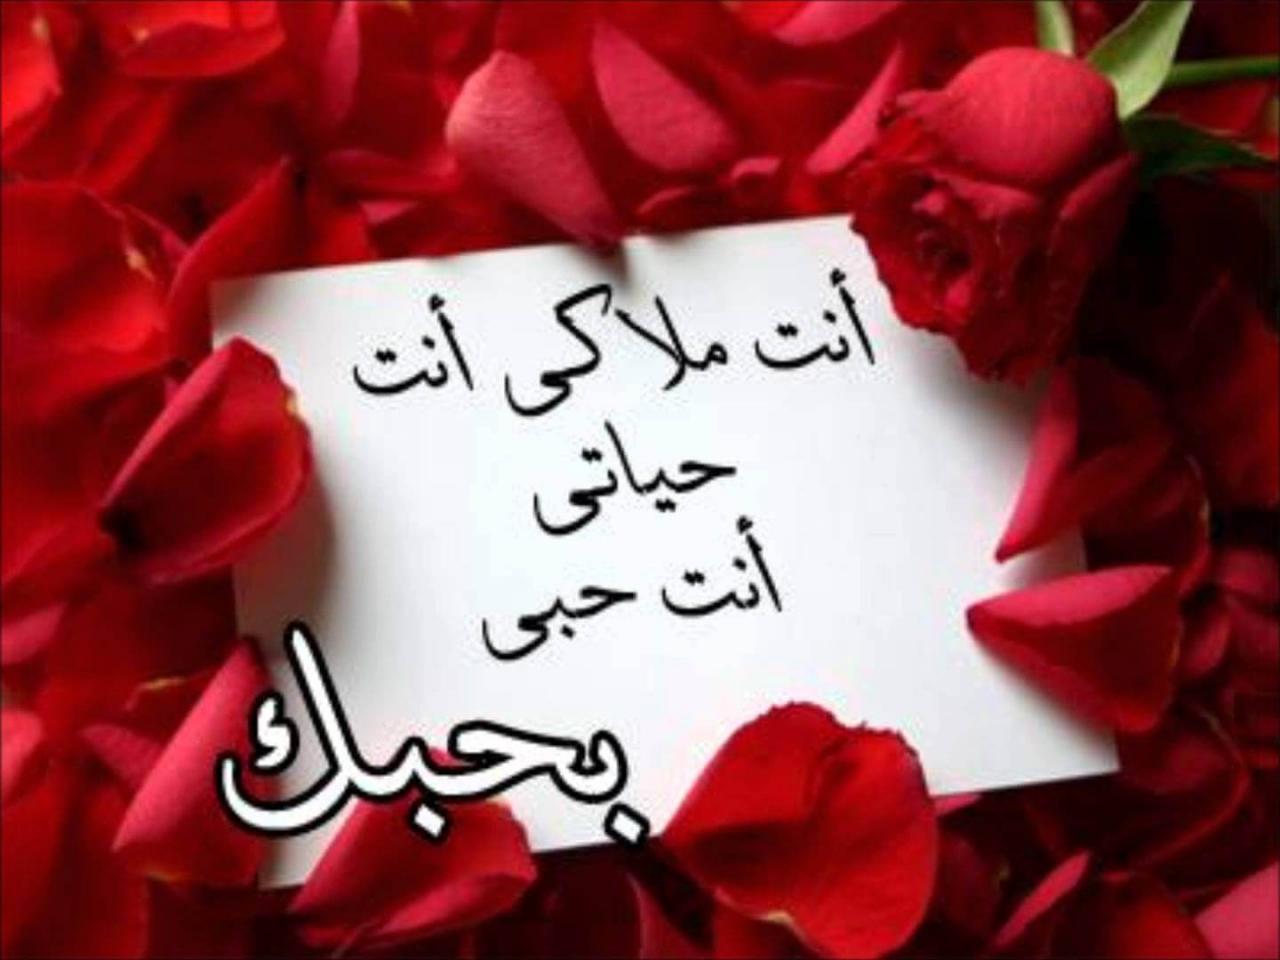 صورة رسائل مسائيه روعه 12452 8